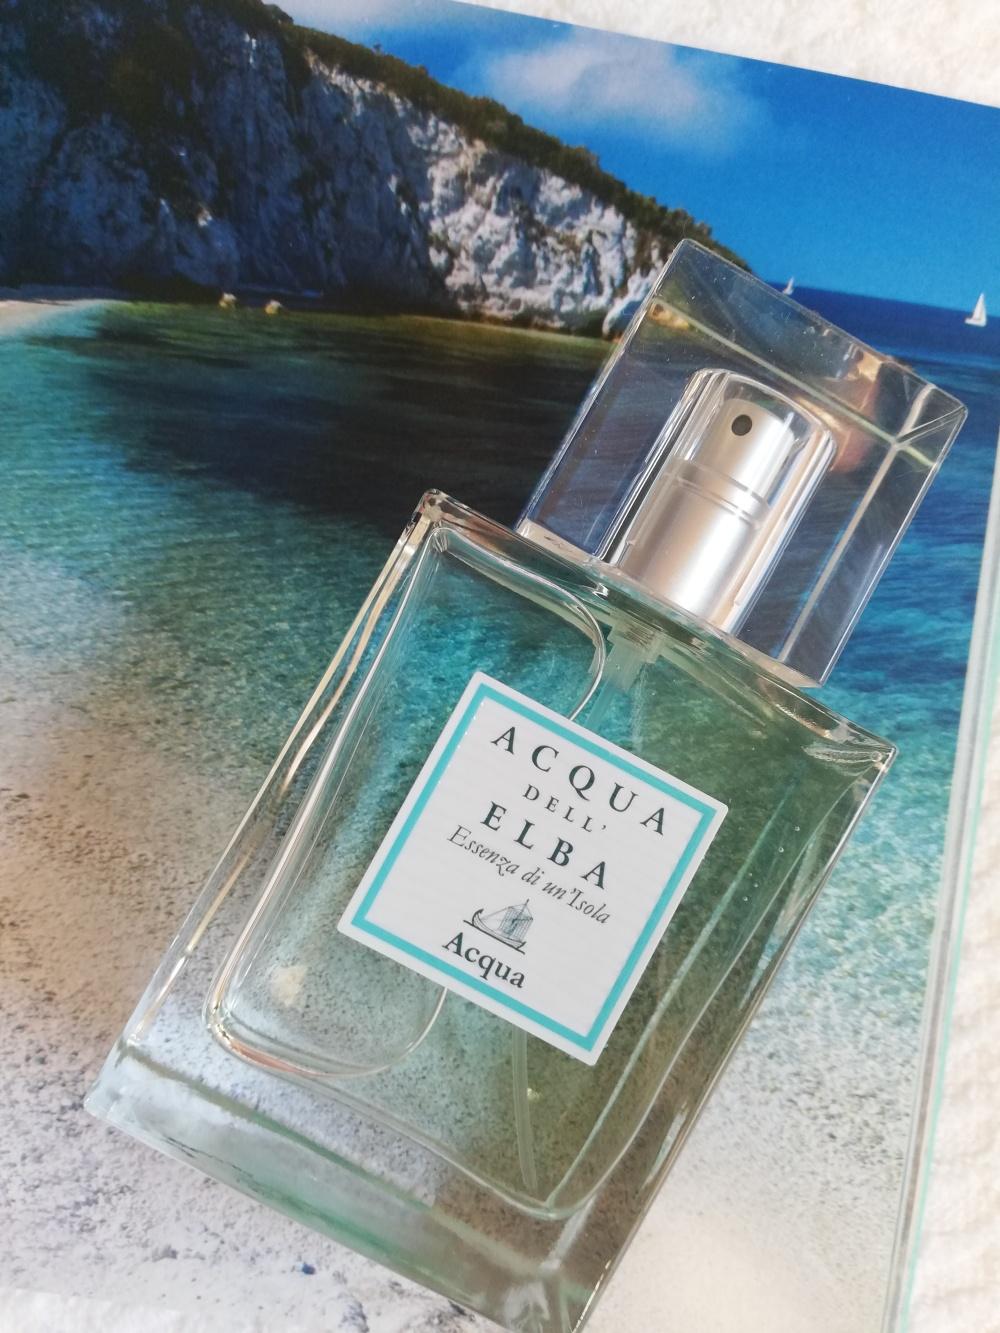 Il profumo del mare nella fragranza Acqua dell'Elba